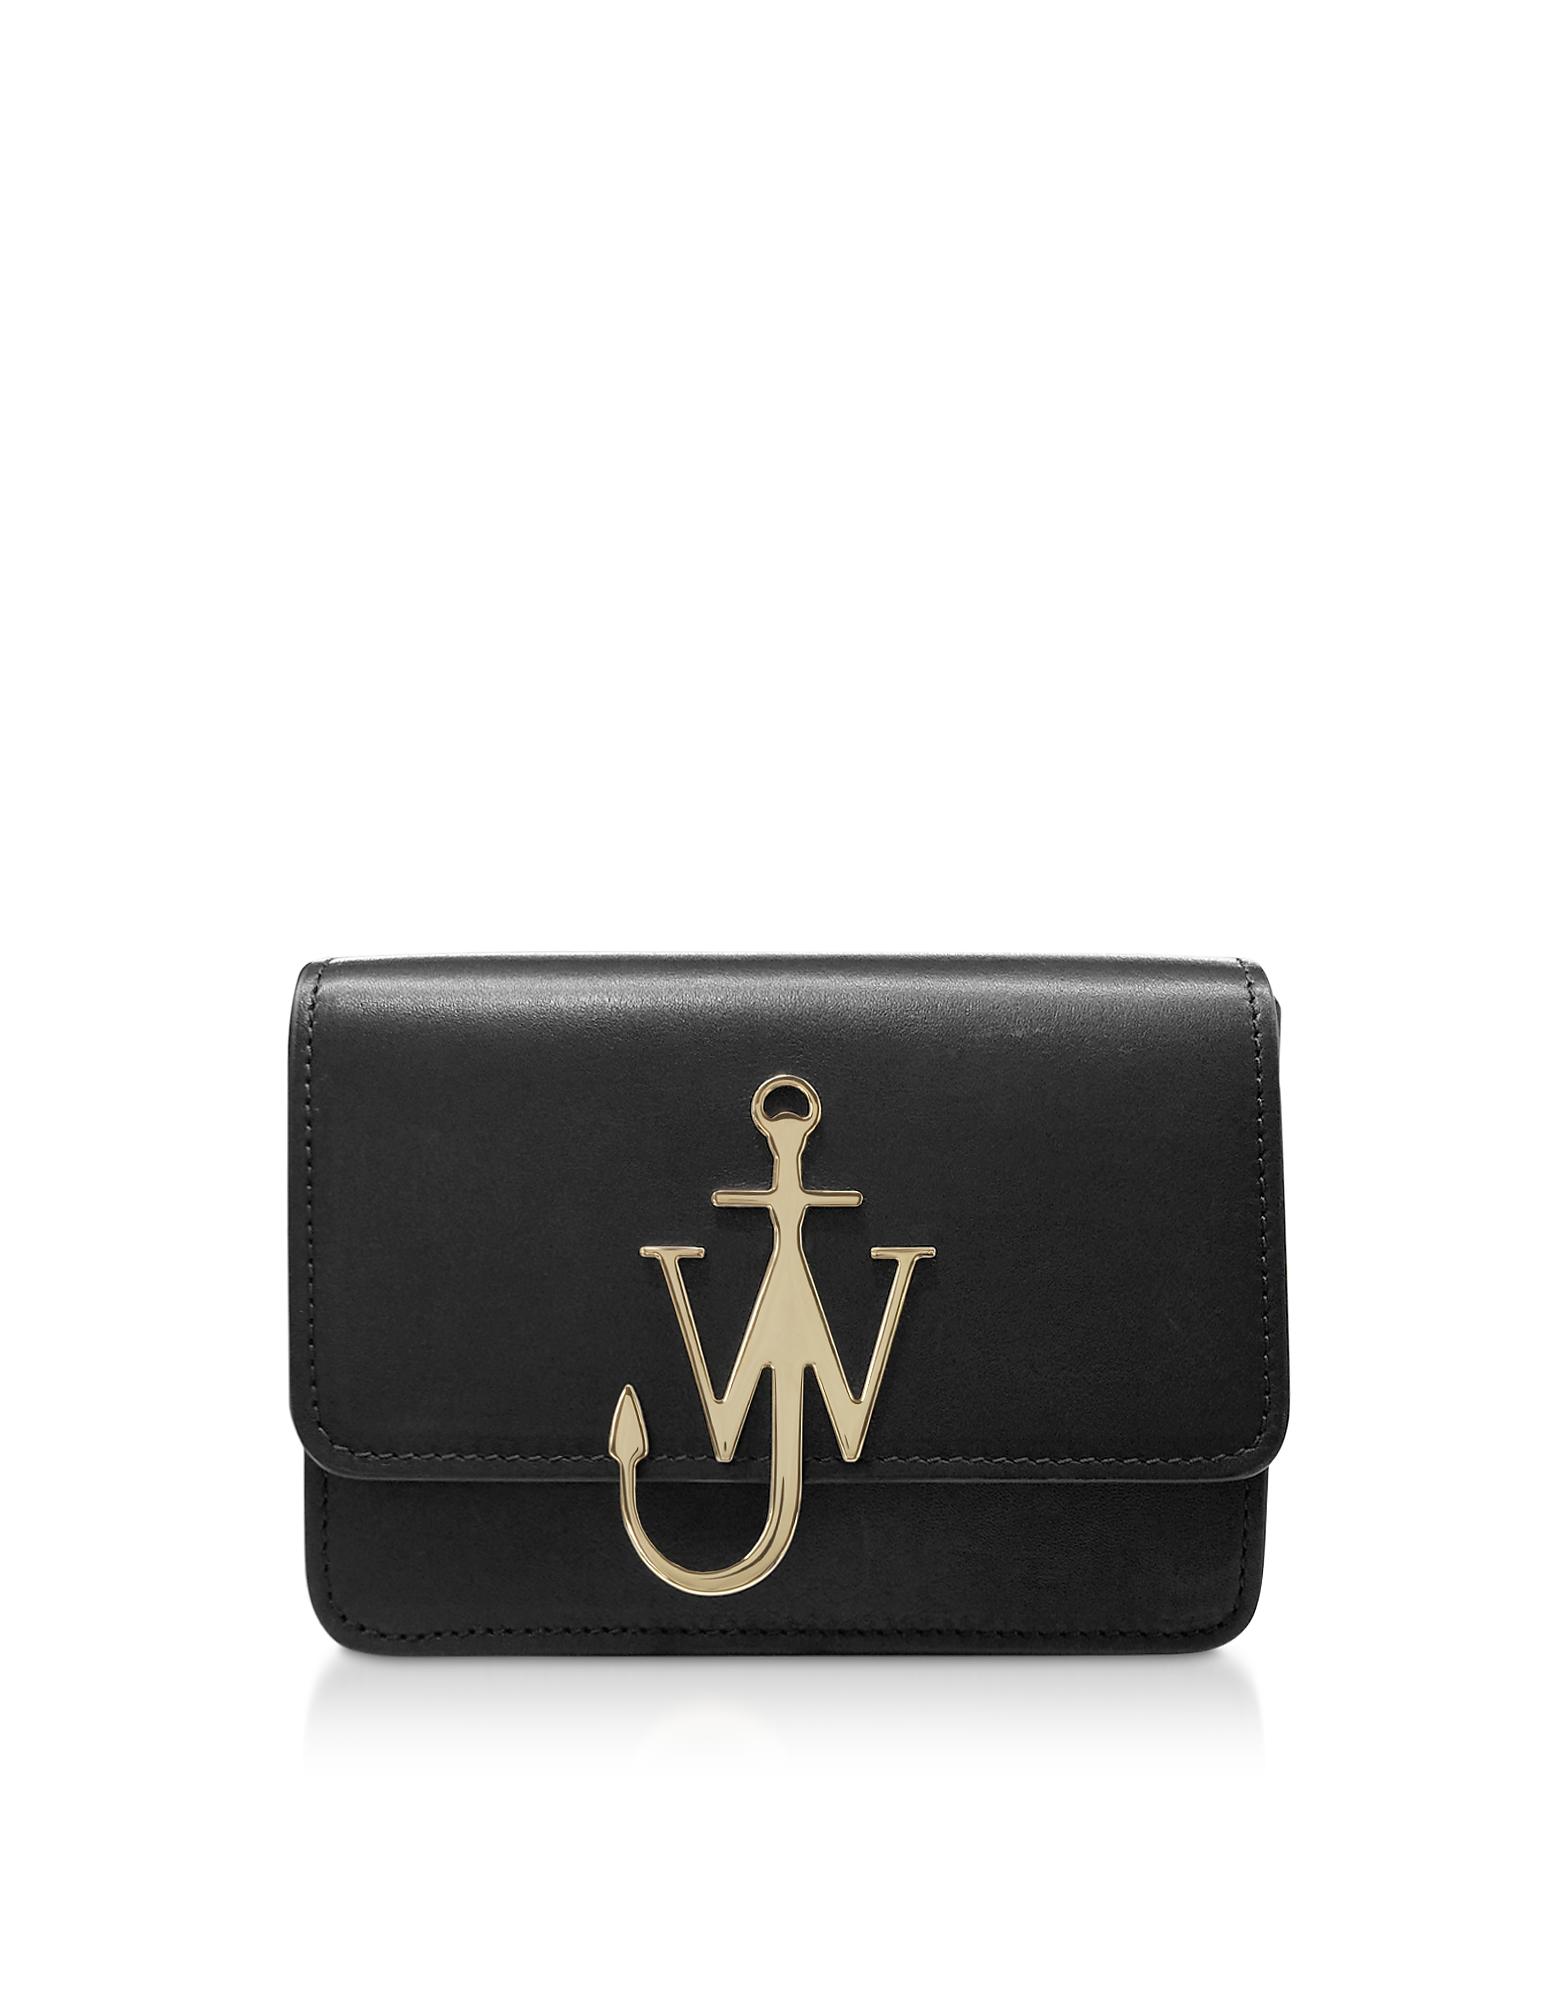 JW ANDERSON | JW Anderson Designer Handbags, Black Logo Bag | Goxip